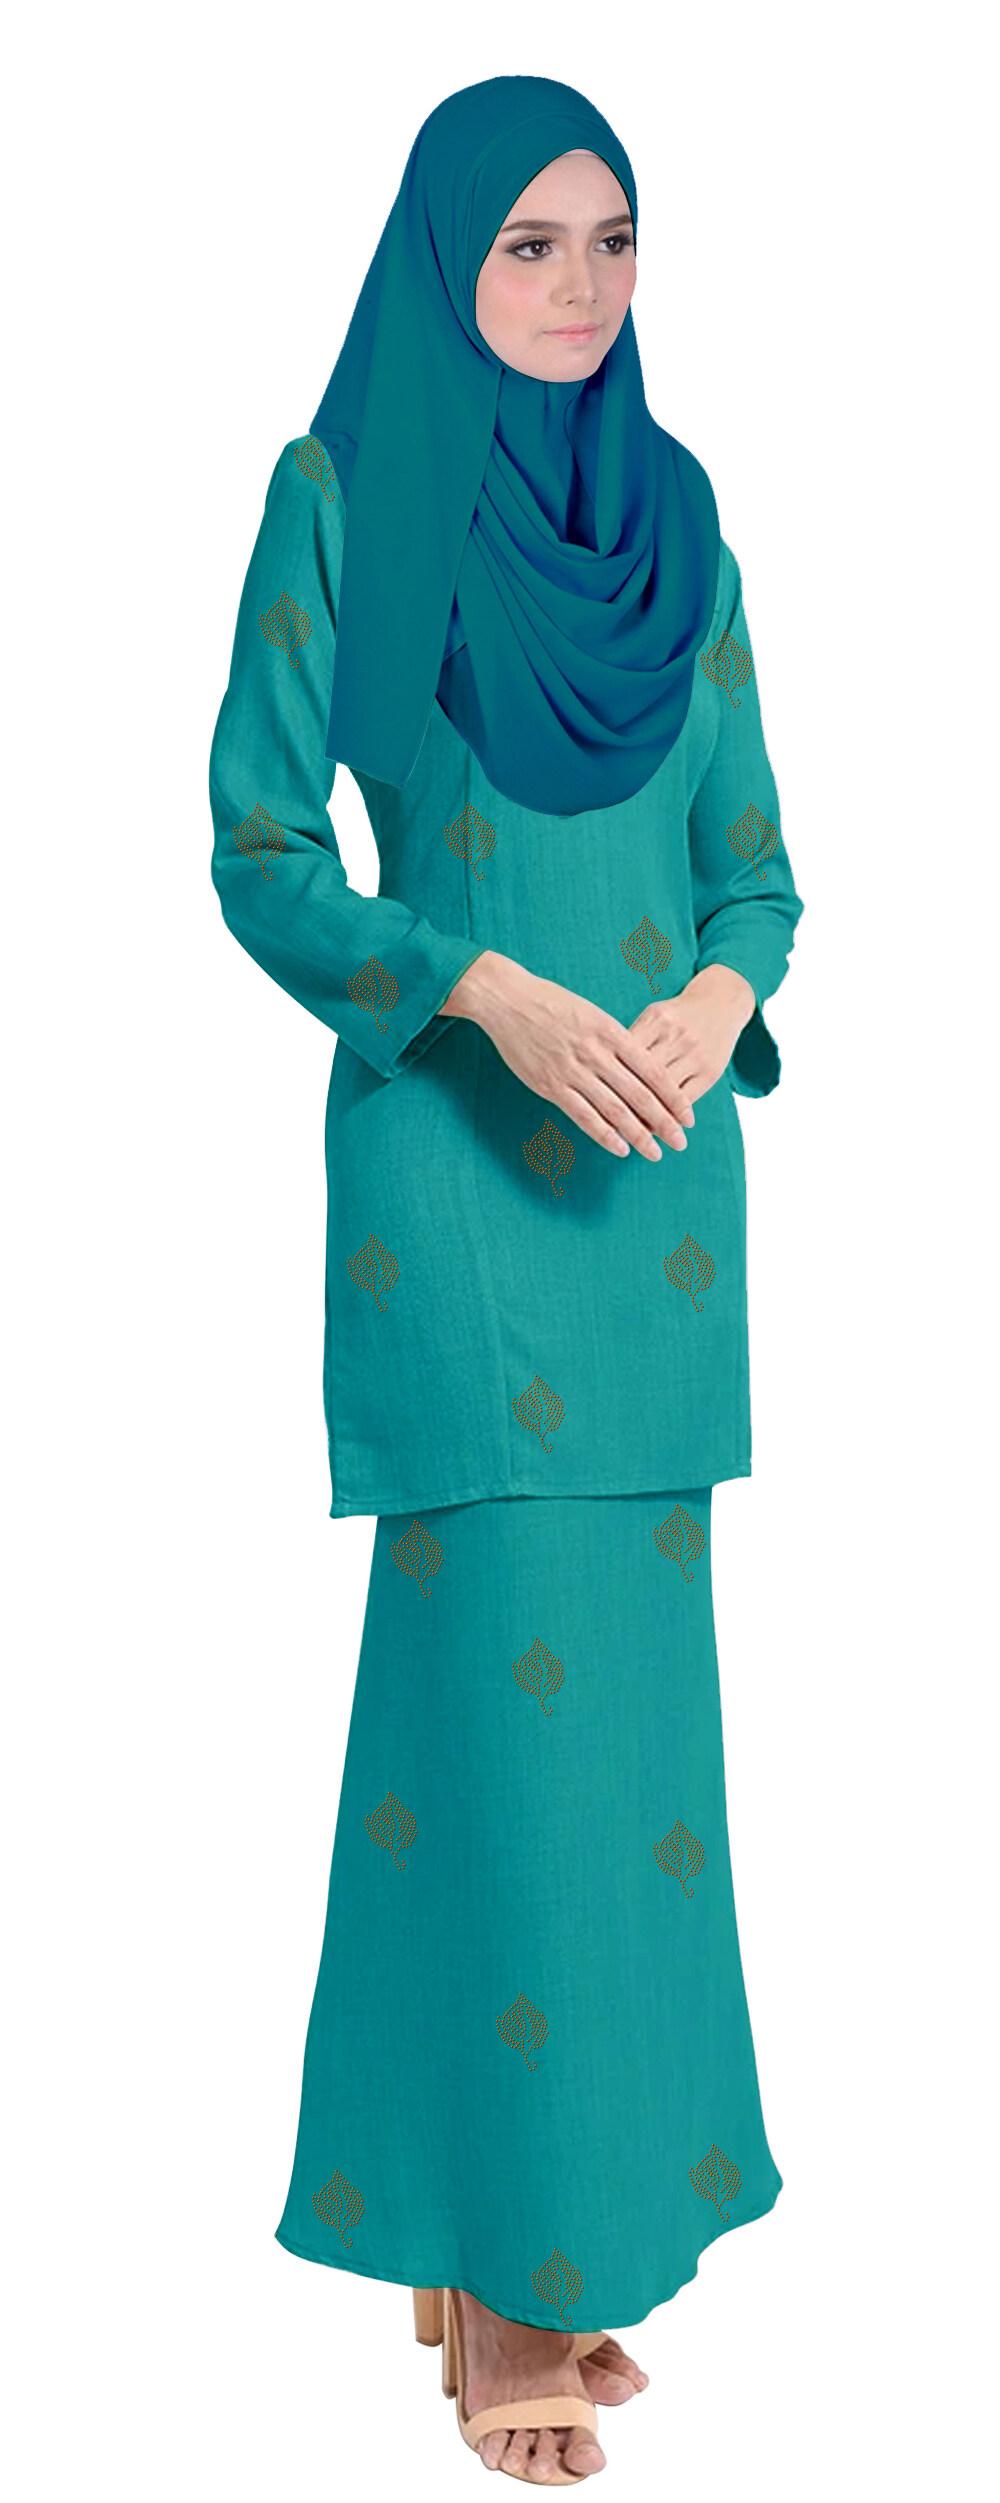 Baju Kurung Tahara For Muslimah Fashoin -Tahara-Ocean Green